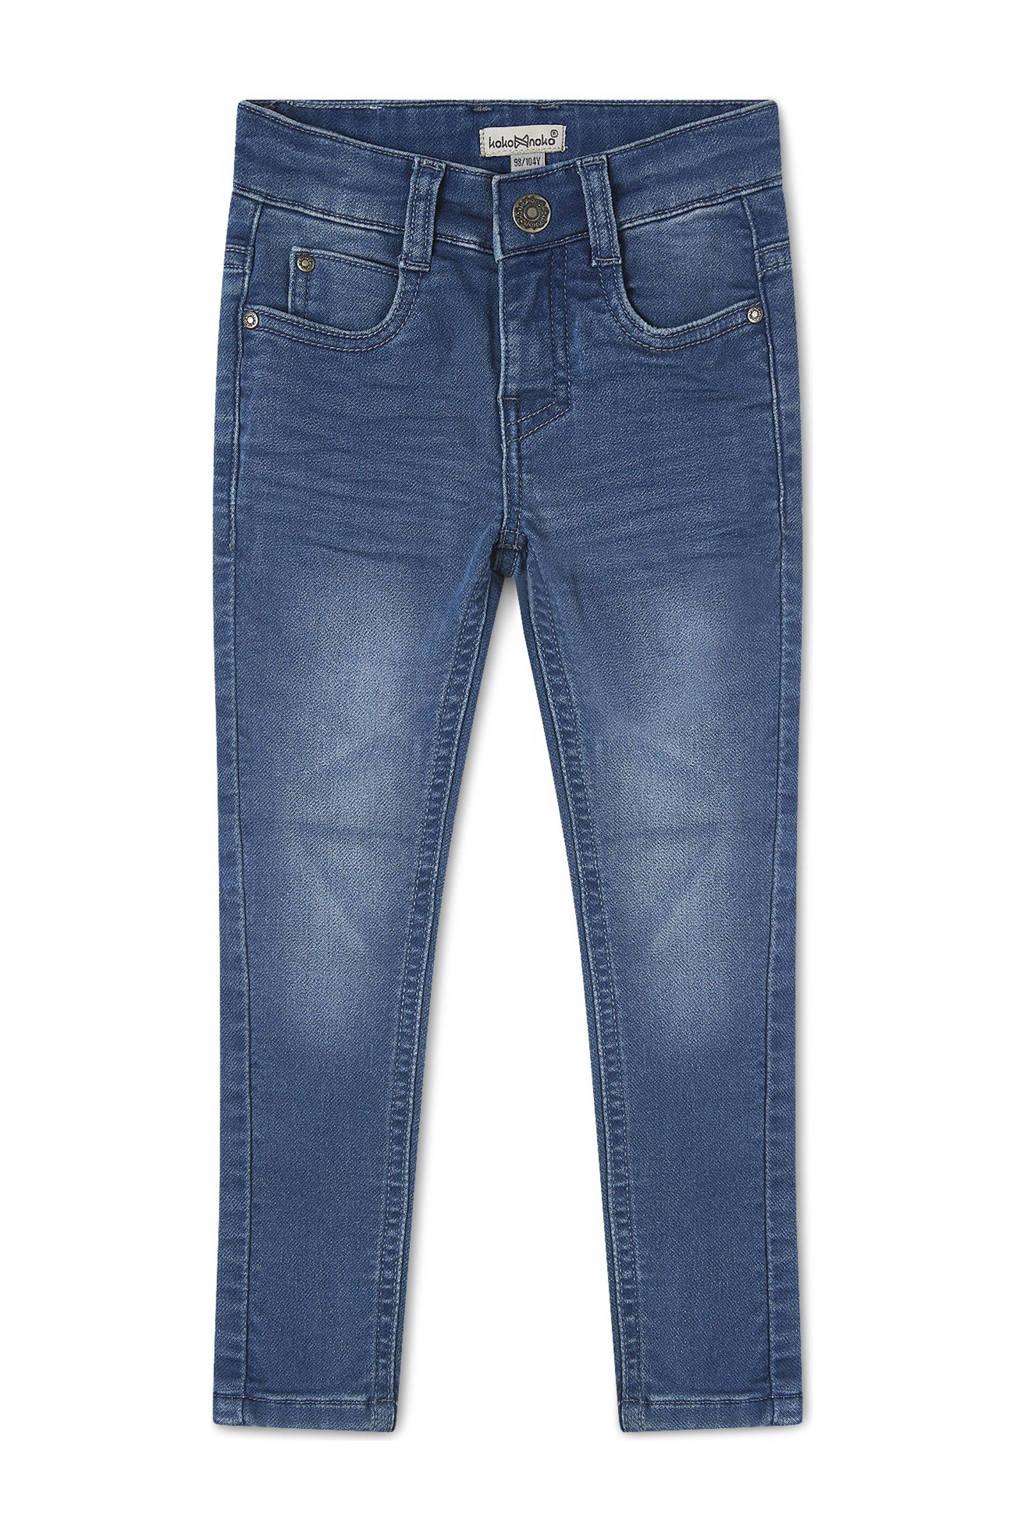 Koko Noko skinny jeans Nori stonewashed, Stonewashed